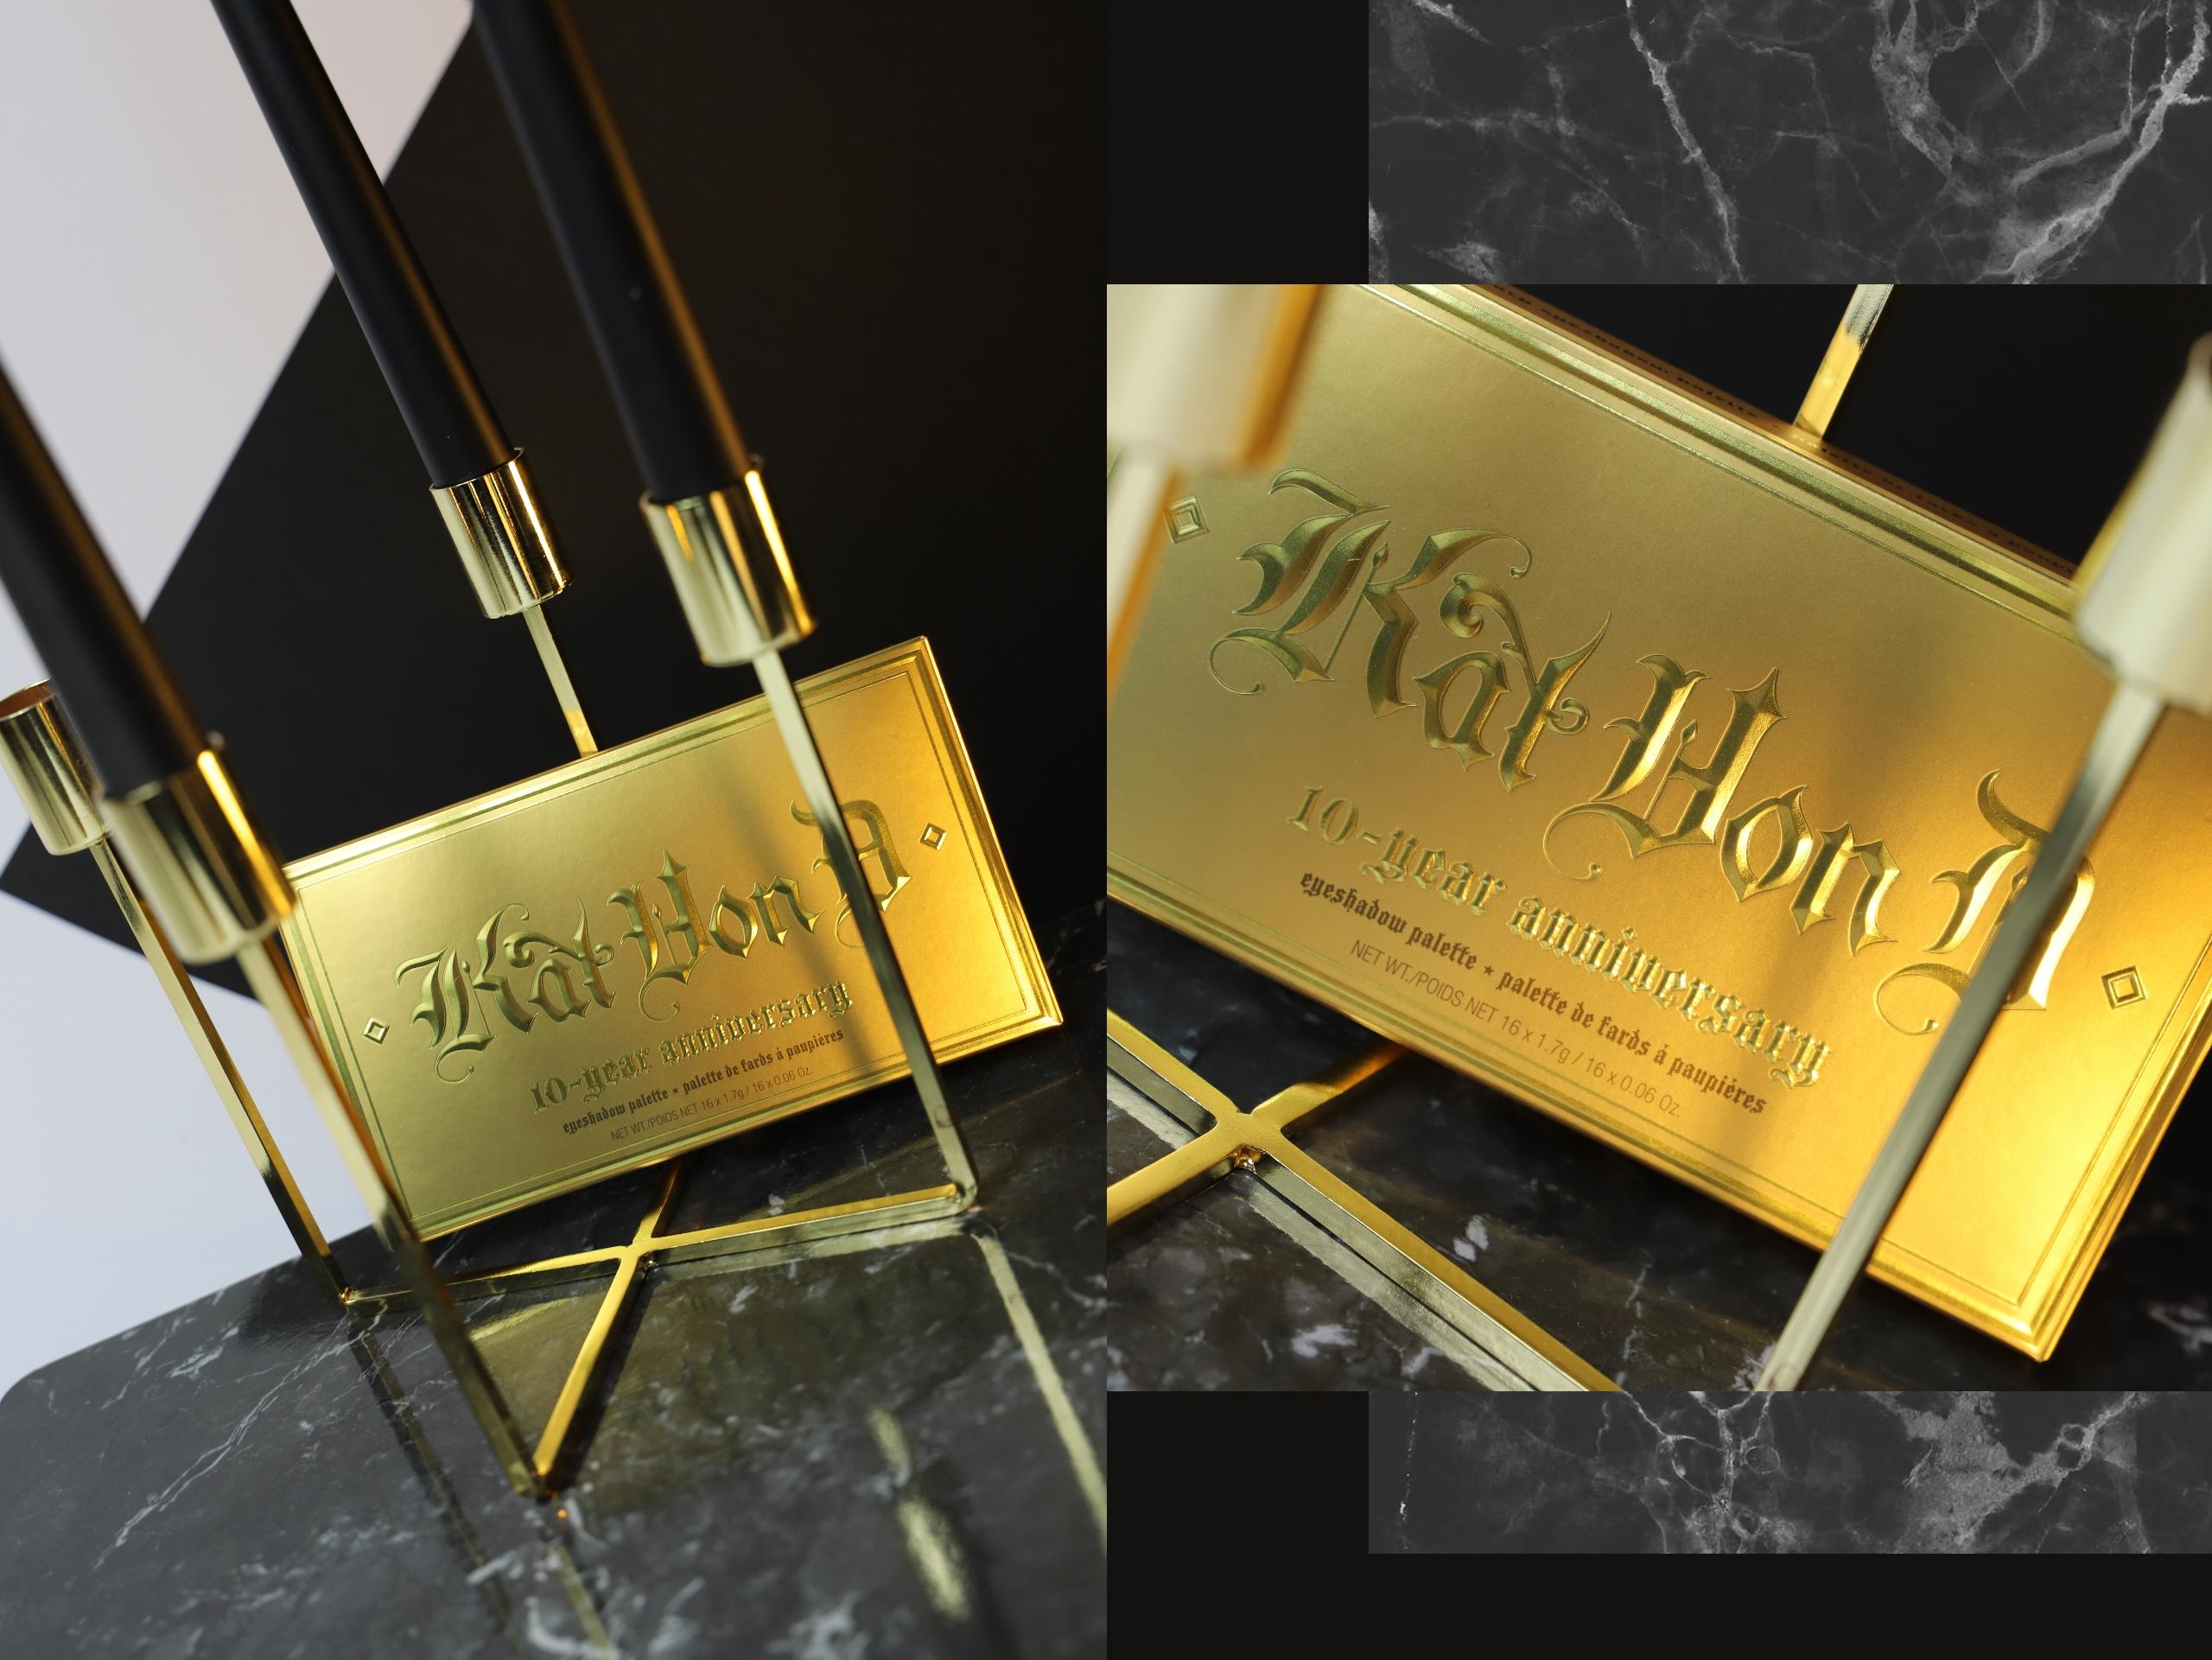 Obraz przedstawia dwa zdjęcia złotych pudełek z napisami.